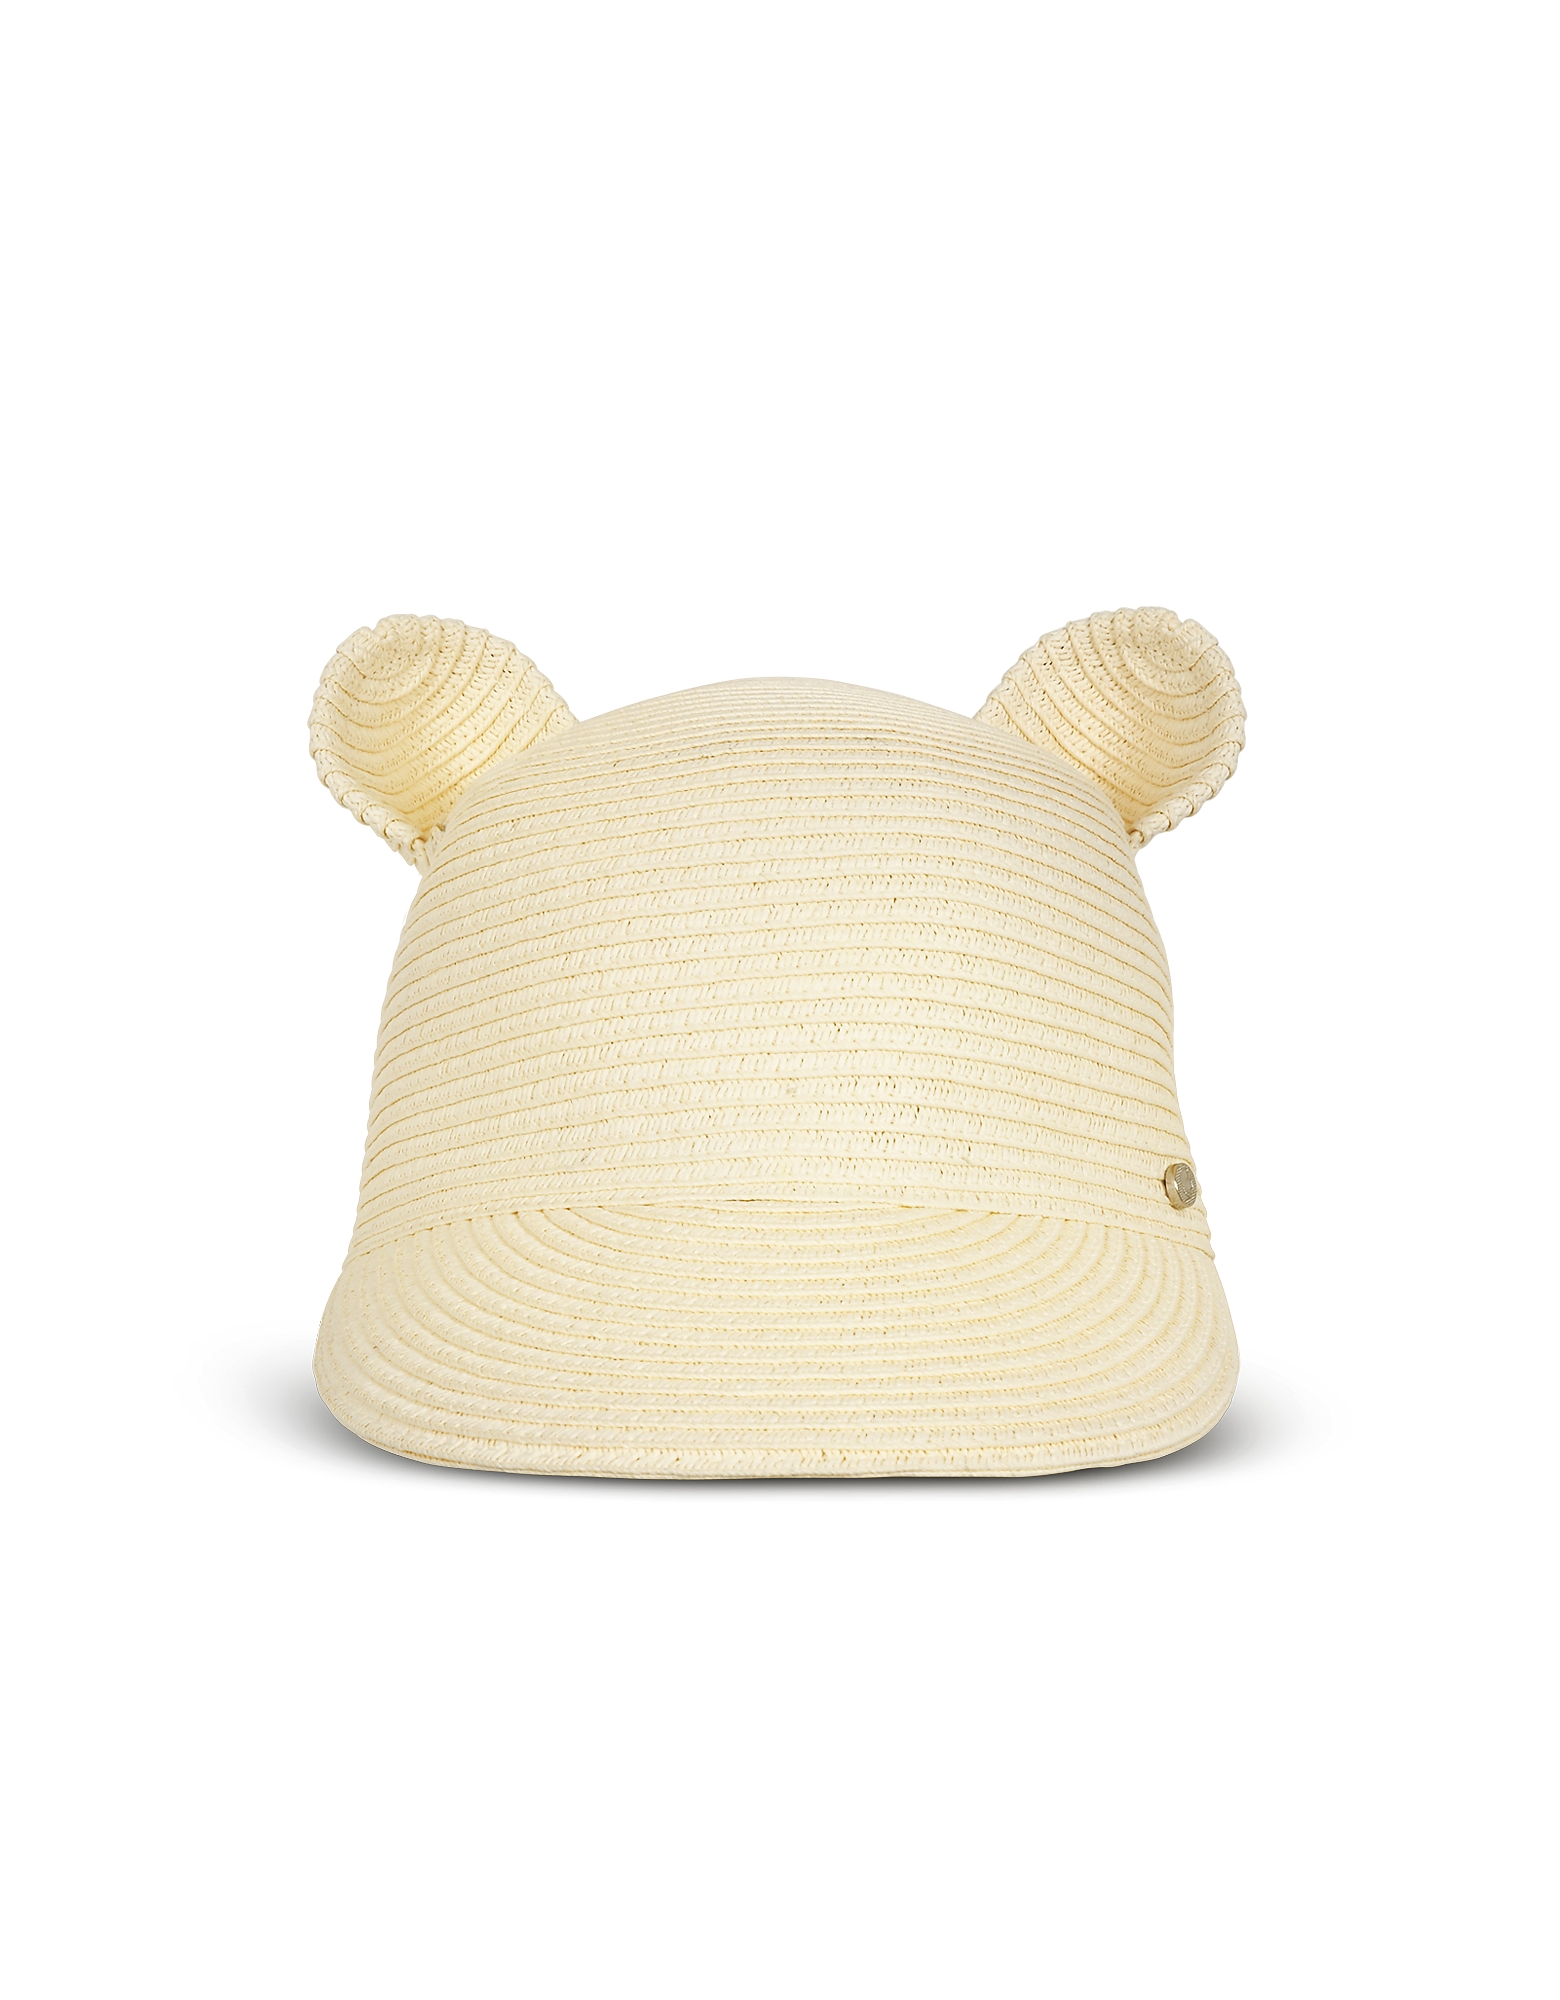 Шляпа из Натуральной Соломки с Кошачьими Ушками